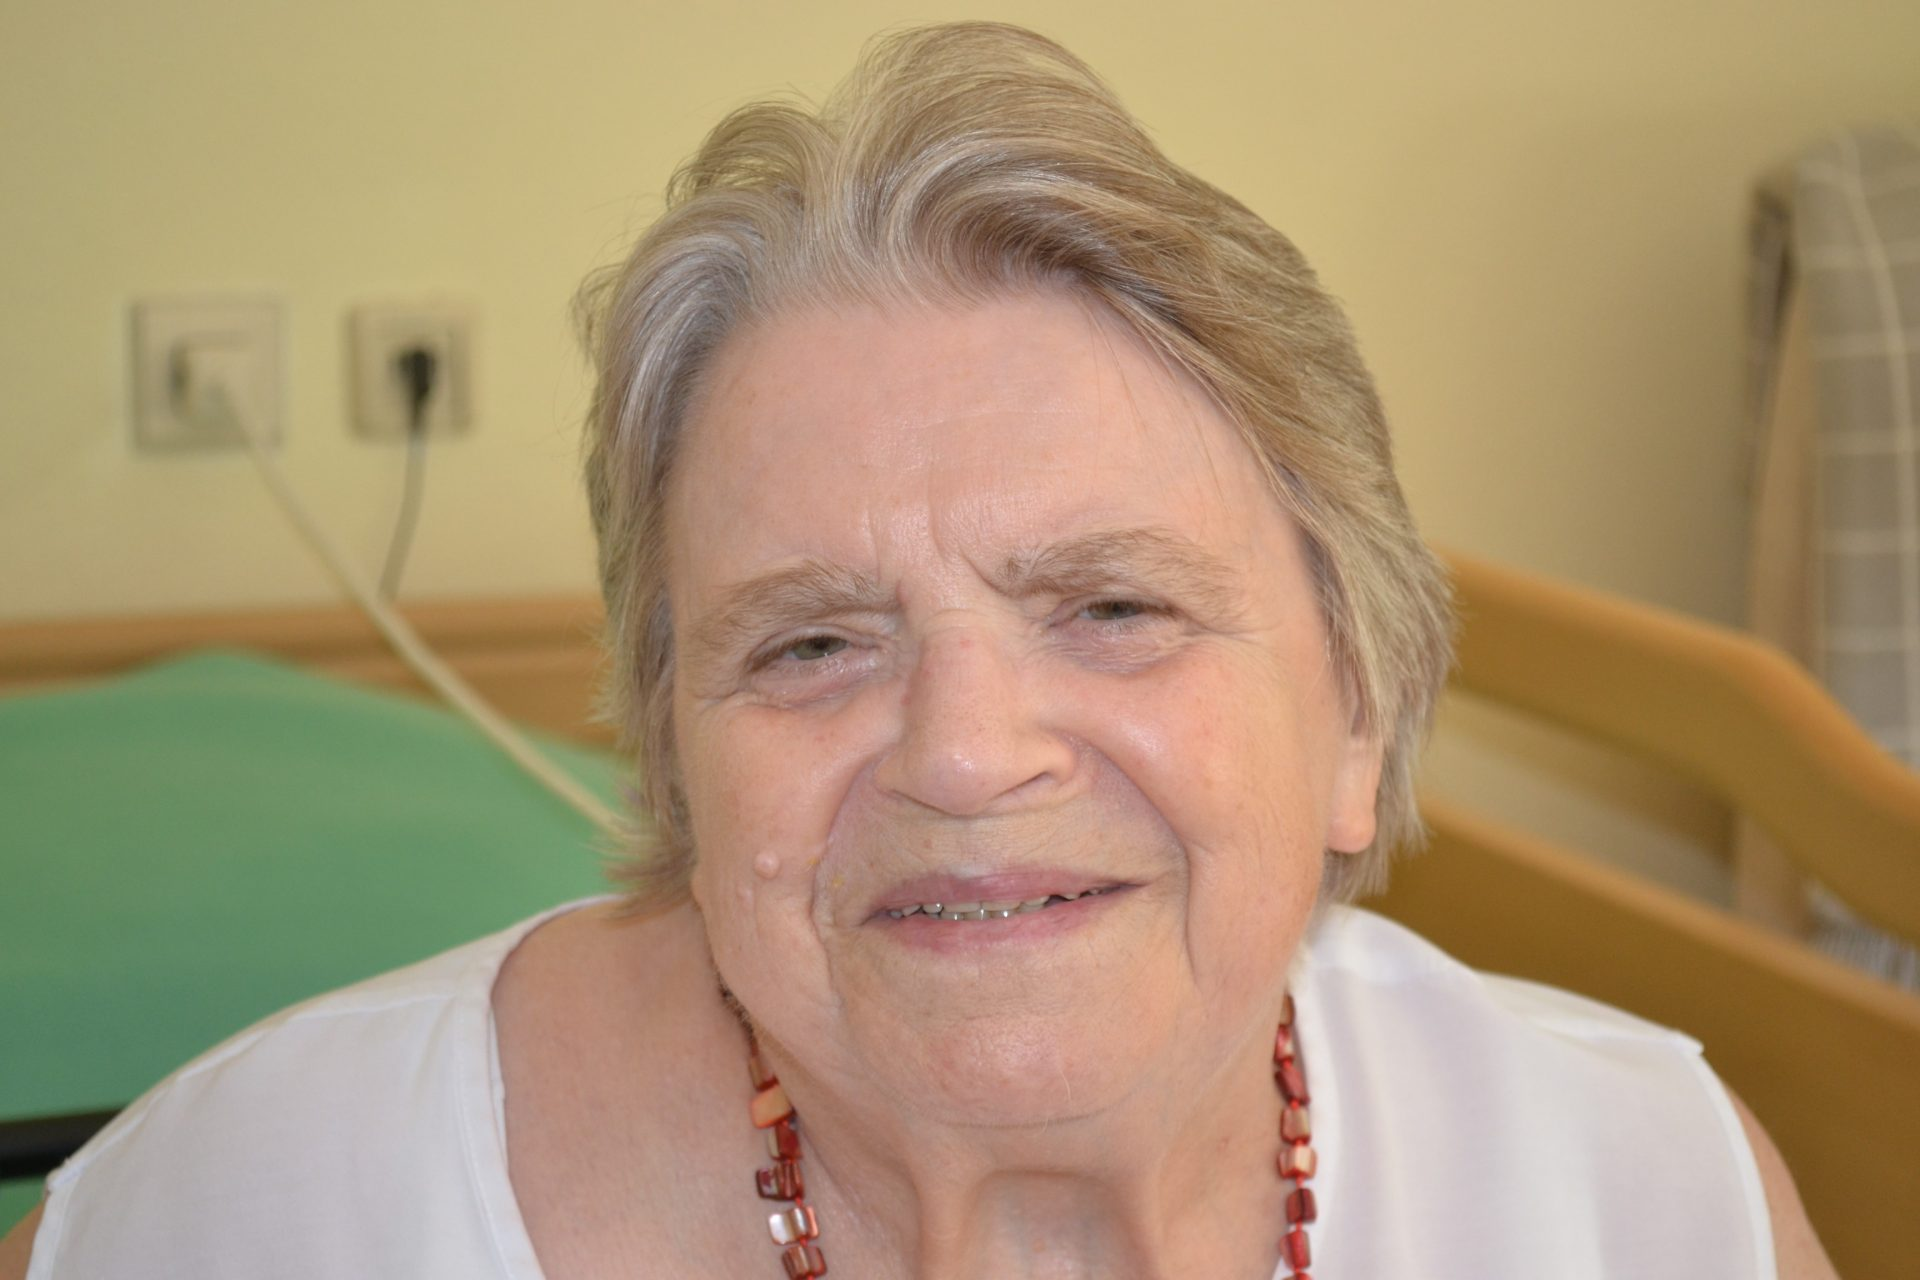 Mitglied im Bewohnerbeirat des Seniorenheims Emmaus in Friesenheim-Oberweier, Stand: September 2018 – Helga Bockstahler